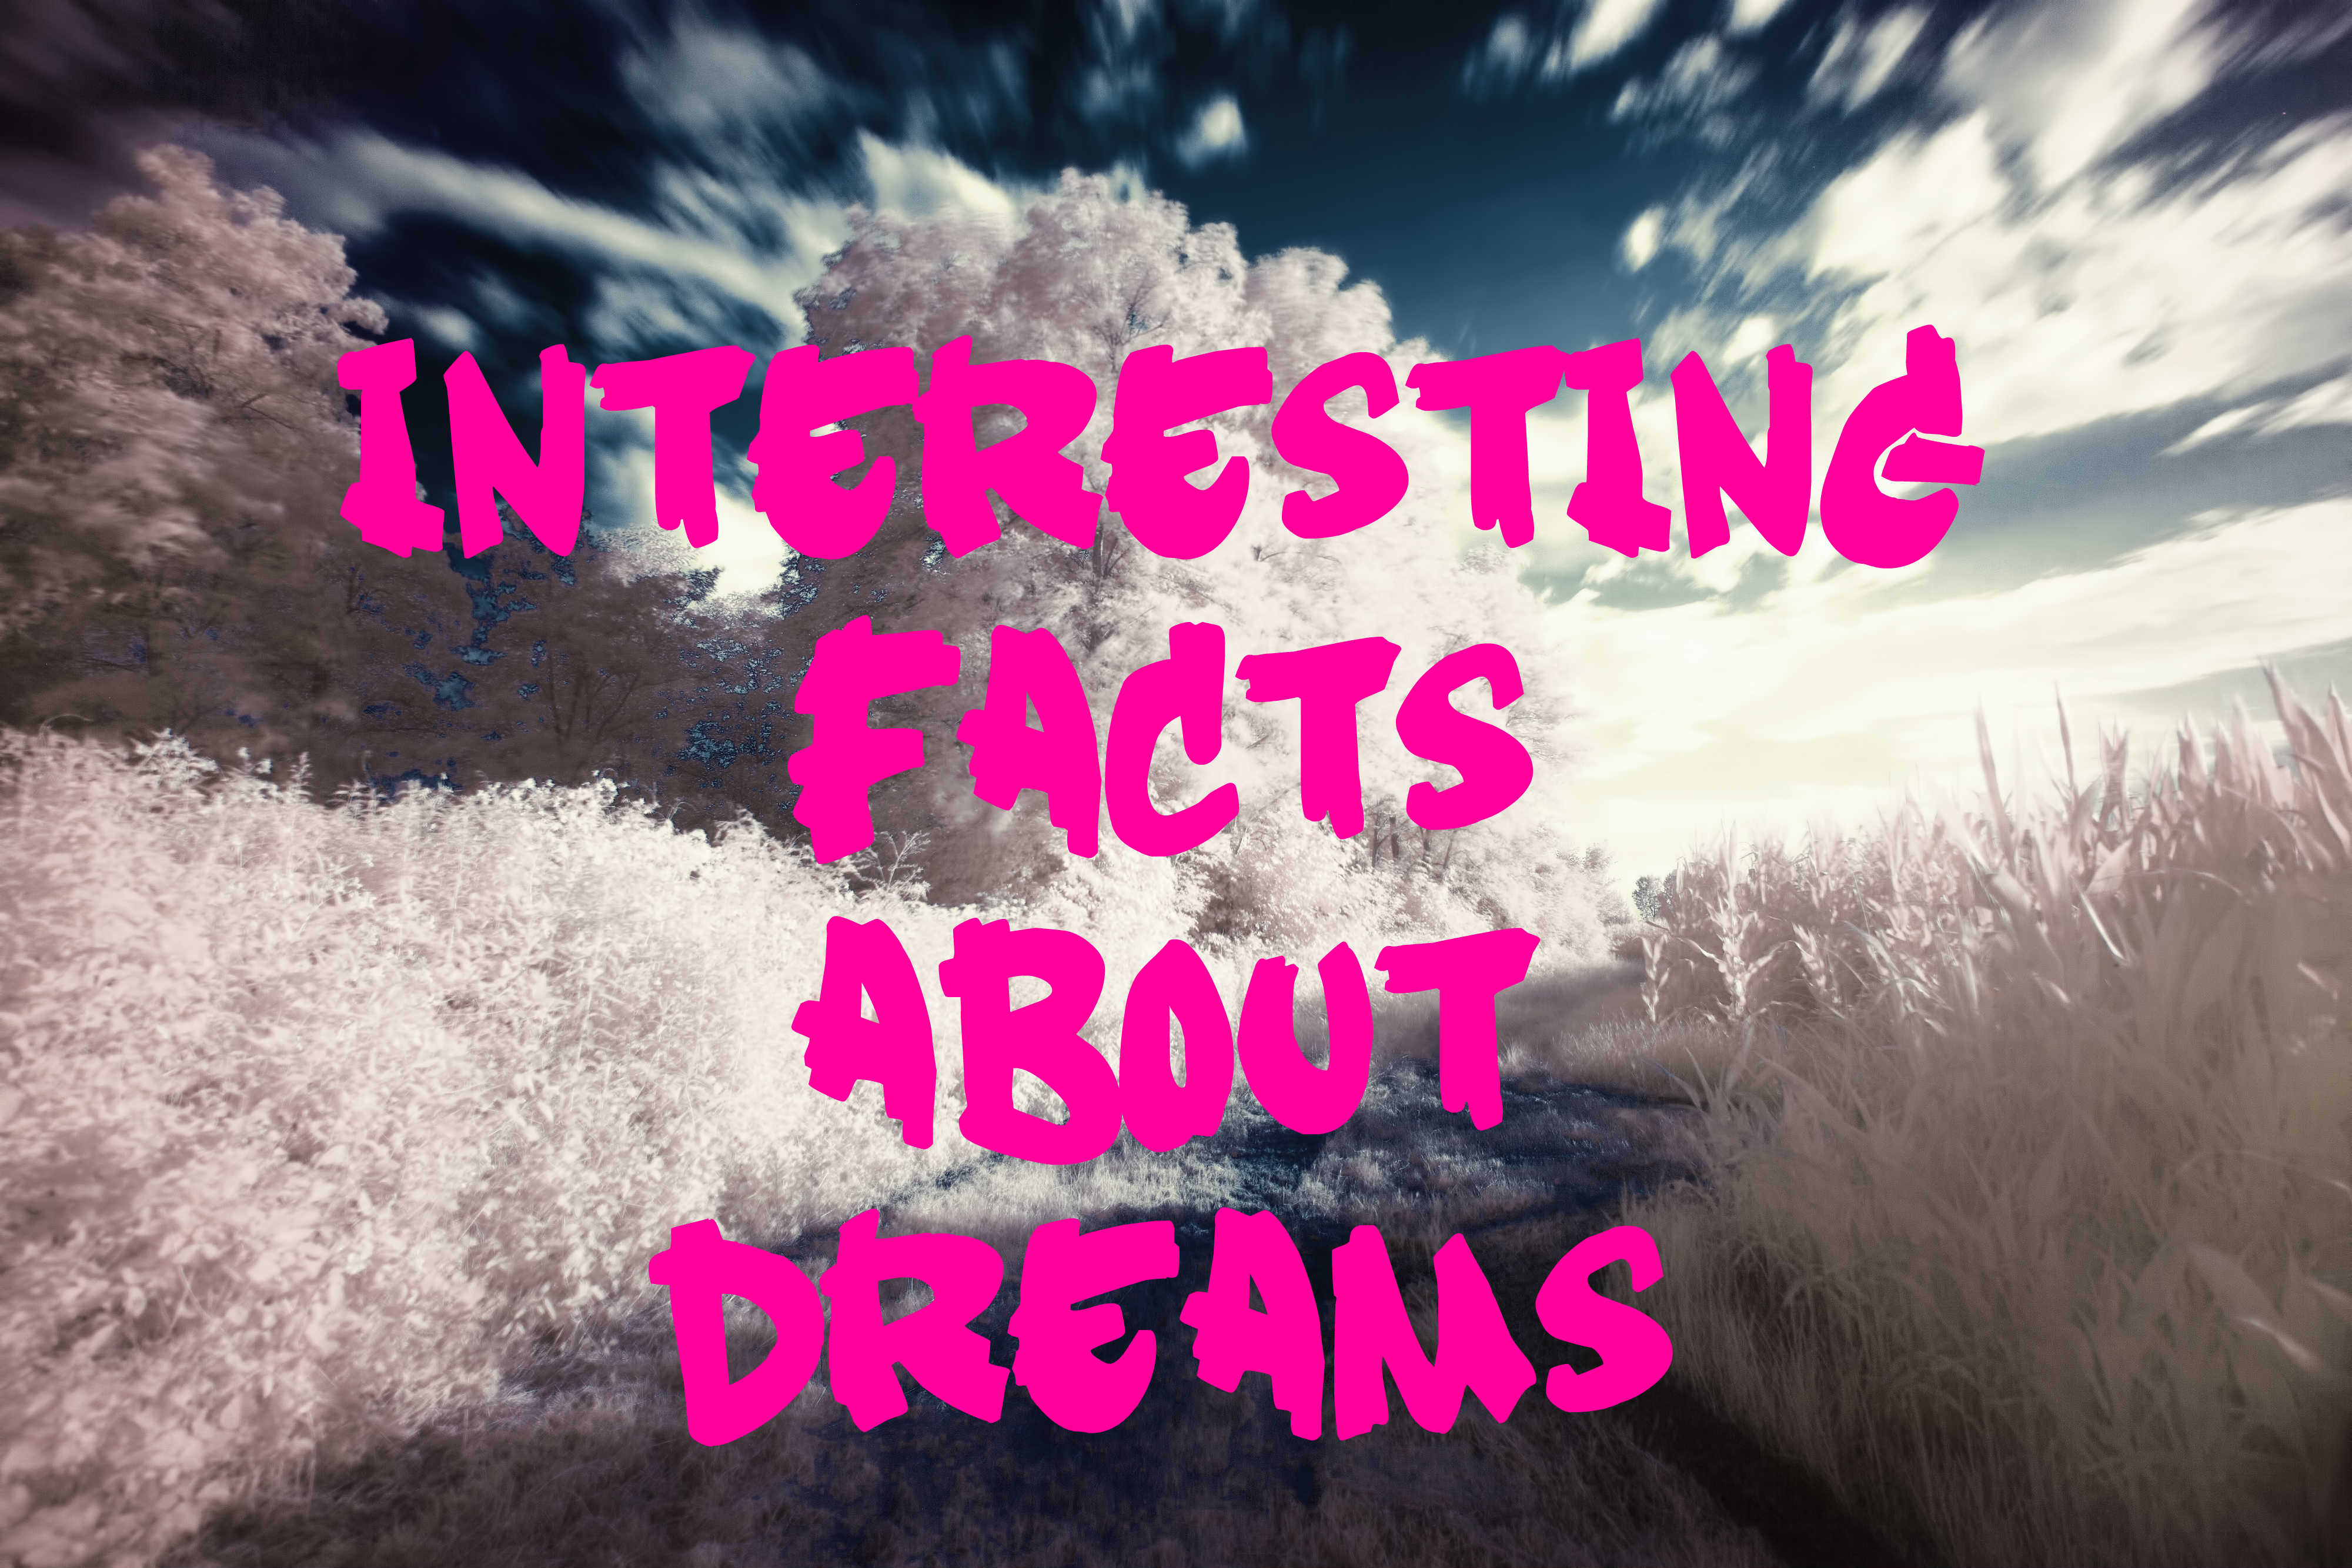 Dreams Facts